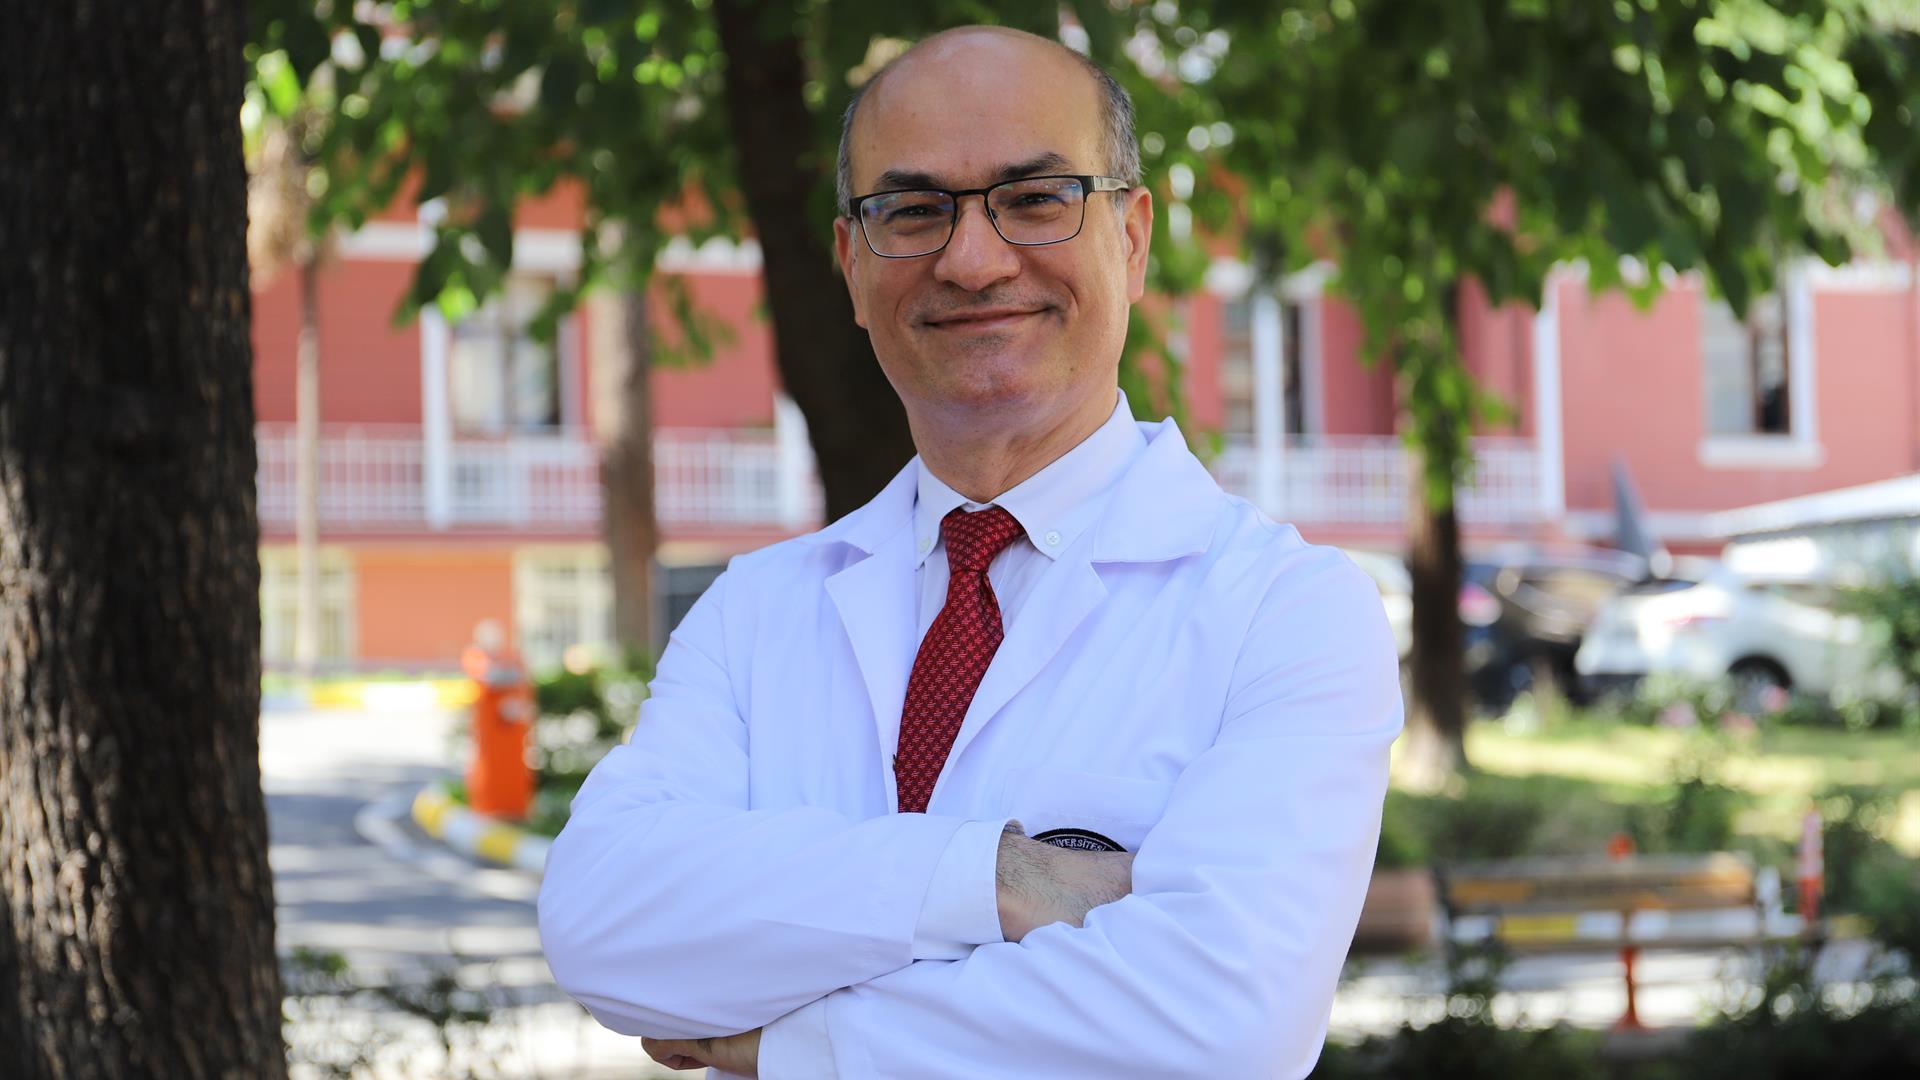 """{""""Header"""":""""Cerrahpaşa Tıp Fakültesi Başhekimi Doç. Dr. Zekayi Kutlubay Covid-19 Salgını Sürecini Anlattı"""",""""Content"""":""""<p></p><div style=\""""text-align: justify;\""""><b>İstanbul Üniversitesi- Cerrahpaşa ,Cerrahpaşa Tıp Fakültesi Başhekimi Doç .Dr. Zekayi Kutlubay COVID-19 salgını sürecinde<span id=\""""selectionBoundary_1599461876395_24518940228567665\"""" class=\""""rangySelectionBoundary\"""" style=\""""line-height: 0; display: none;\""""></span> fakültemizde yürütülen çalışmalar ve hastane yönetim süreci hakkında açıklamalarda bulundu. Salgın sürecini en başından beri yakından takip ettiklerini ve Ülkemizde 1 Mart 2020'de ilk COVID-19 vakasının tespitiyle birlikte, Cerrahpaşa Tıp Fakültesi&nbsp; olarak ciddi adımlar atmaya başladıklarını belirten Doç. Dr. Zekayi Kutlubay</b><b>&nbsp;sözlerine şu şekilde devam etti:</b></div><p><br></p><div style=\""""text-align: justify;\"""">Ülkemizde 11 Mart 2020'de ilk Covid-19 vakasının tespitiyle birlikte, Cerrahpaşa Tıp Fakültesi Hastanesi olarak ciddi adımlar atmaya başladık. Bu tarihe kadar,&nbsp;yurt dışından&nbsp;gelen haberleri ve bilgileri dikkatlice takip ediyorduk. Cerrahpaşa Hastanesi olarak üstümüze büyük bir yük bineceğini ve öncü kuruluş olma vasfımızı sürdüreceğimizi biliyorduk.&nbsp;<br><br></div><p><img ng-src=\""""https://cdn.istanbul.edu.tr/FileHandler.ashx?f=B_QSdjyJVUiN1uY3U4PQMA\"""" class=\""""gallery-image img-thumbnail img-responsive\"""" ng-click=\""""!multiple &amp;&amp; select()\"""" src=\""""https://cdn.istanbul.edu.tr/FileHandler.ashx?f=B_QSdjyJVUiN1uY3U4PQMA\""""><br></p><div style=\""""text-align: justify;\""""><b>Fotoğraf: </b>Cerrahpaşa Tıp Fakültesi Başhekimi Doç. Dr. Zekayi Kutlubay<br><br></div><div style=\""""text-align: justify;\"""">15 Mart 2020 Pazar günü, yönetim olarak toplandık ve acil eylem planları oluşturduk. Bu planlardan ilki olarak, 16 Mart 2020 tarihinde bilim kurulunu oluşturduk. Başhekimlik olarak Dekanlık makamı ile uyum içerisinde süreci yönetmeye gayret ettik. Tüm başhekim yardımcıları canla başla çalıştılar, her hafta Salı günleri öğl"""